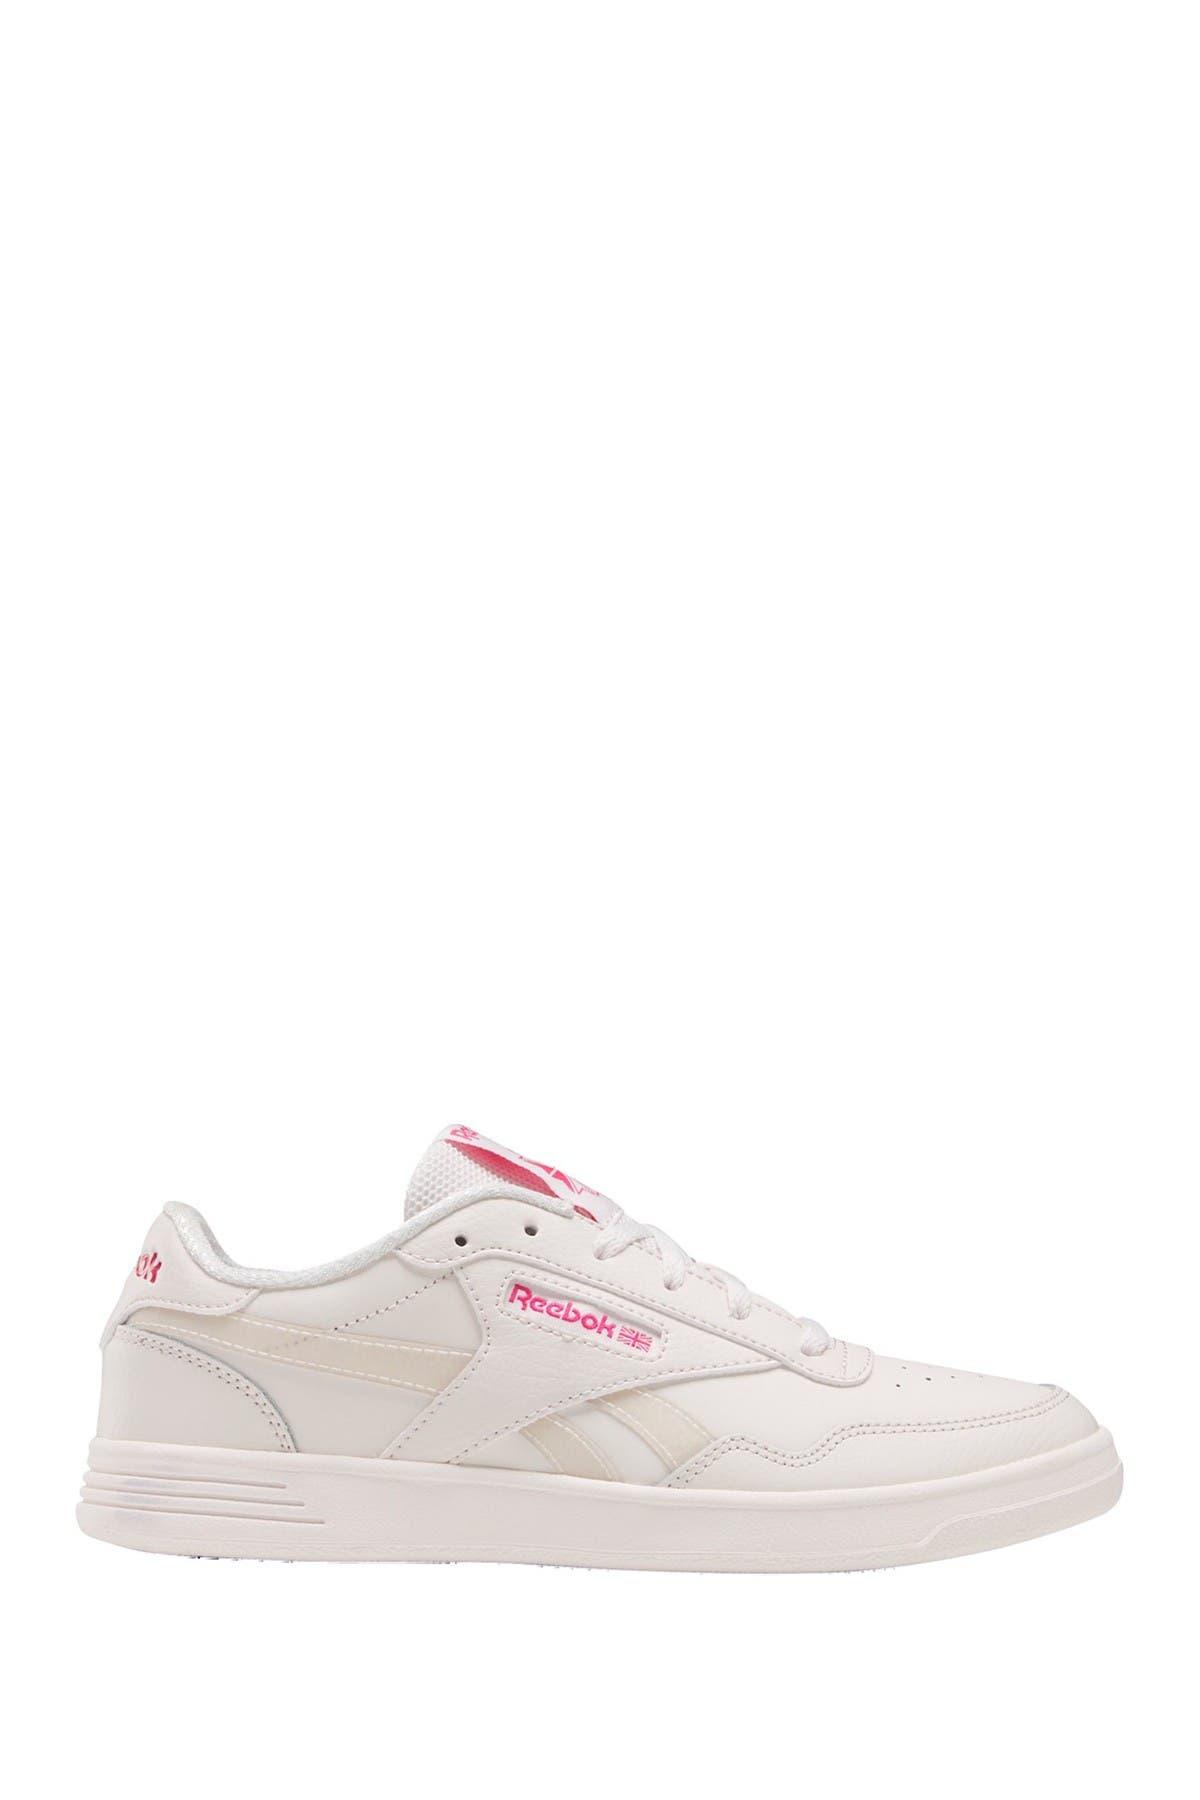 Image of Reebok Club MEMT Sneaker